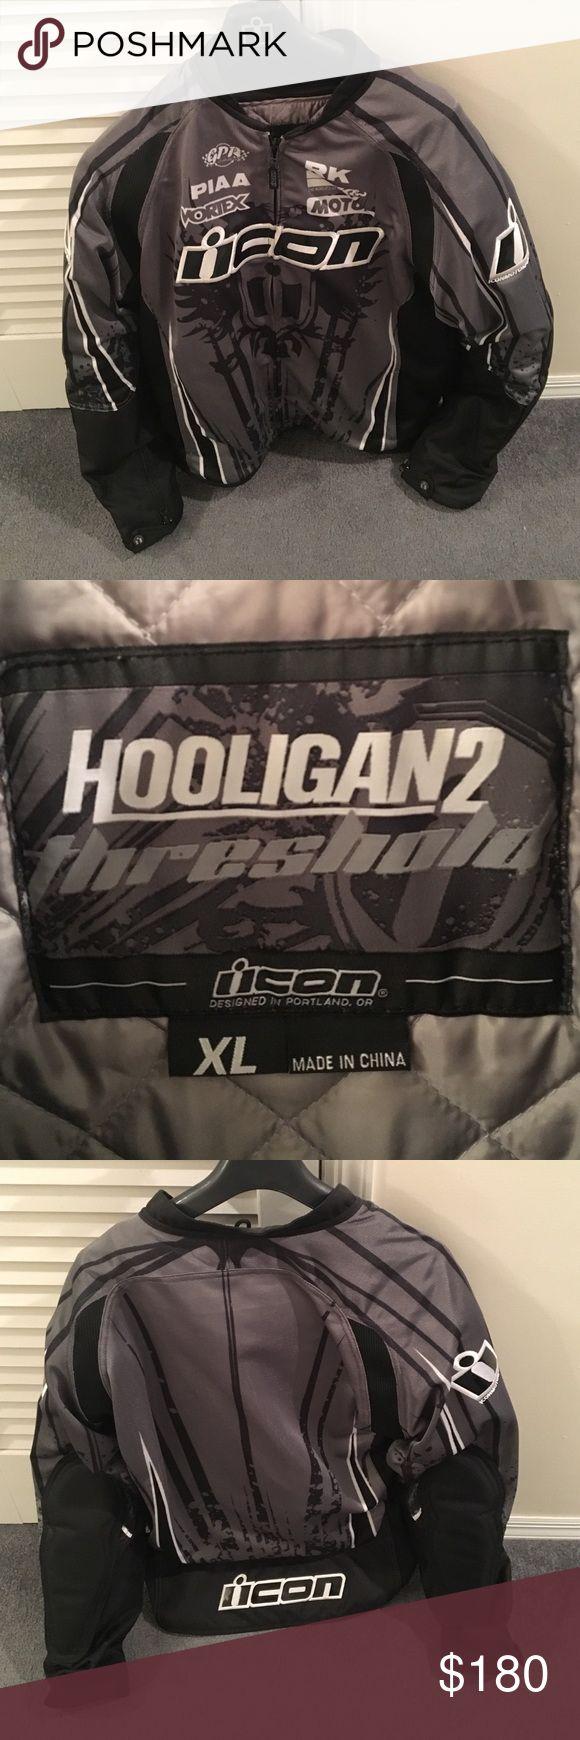 Lightly worn no damage- like new Icon hooligan2 motorcycle jacket size-Xl ICON Jackets & Coats Performance Jackets